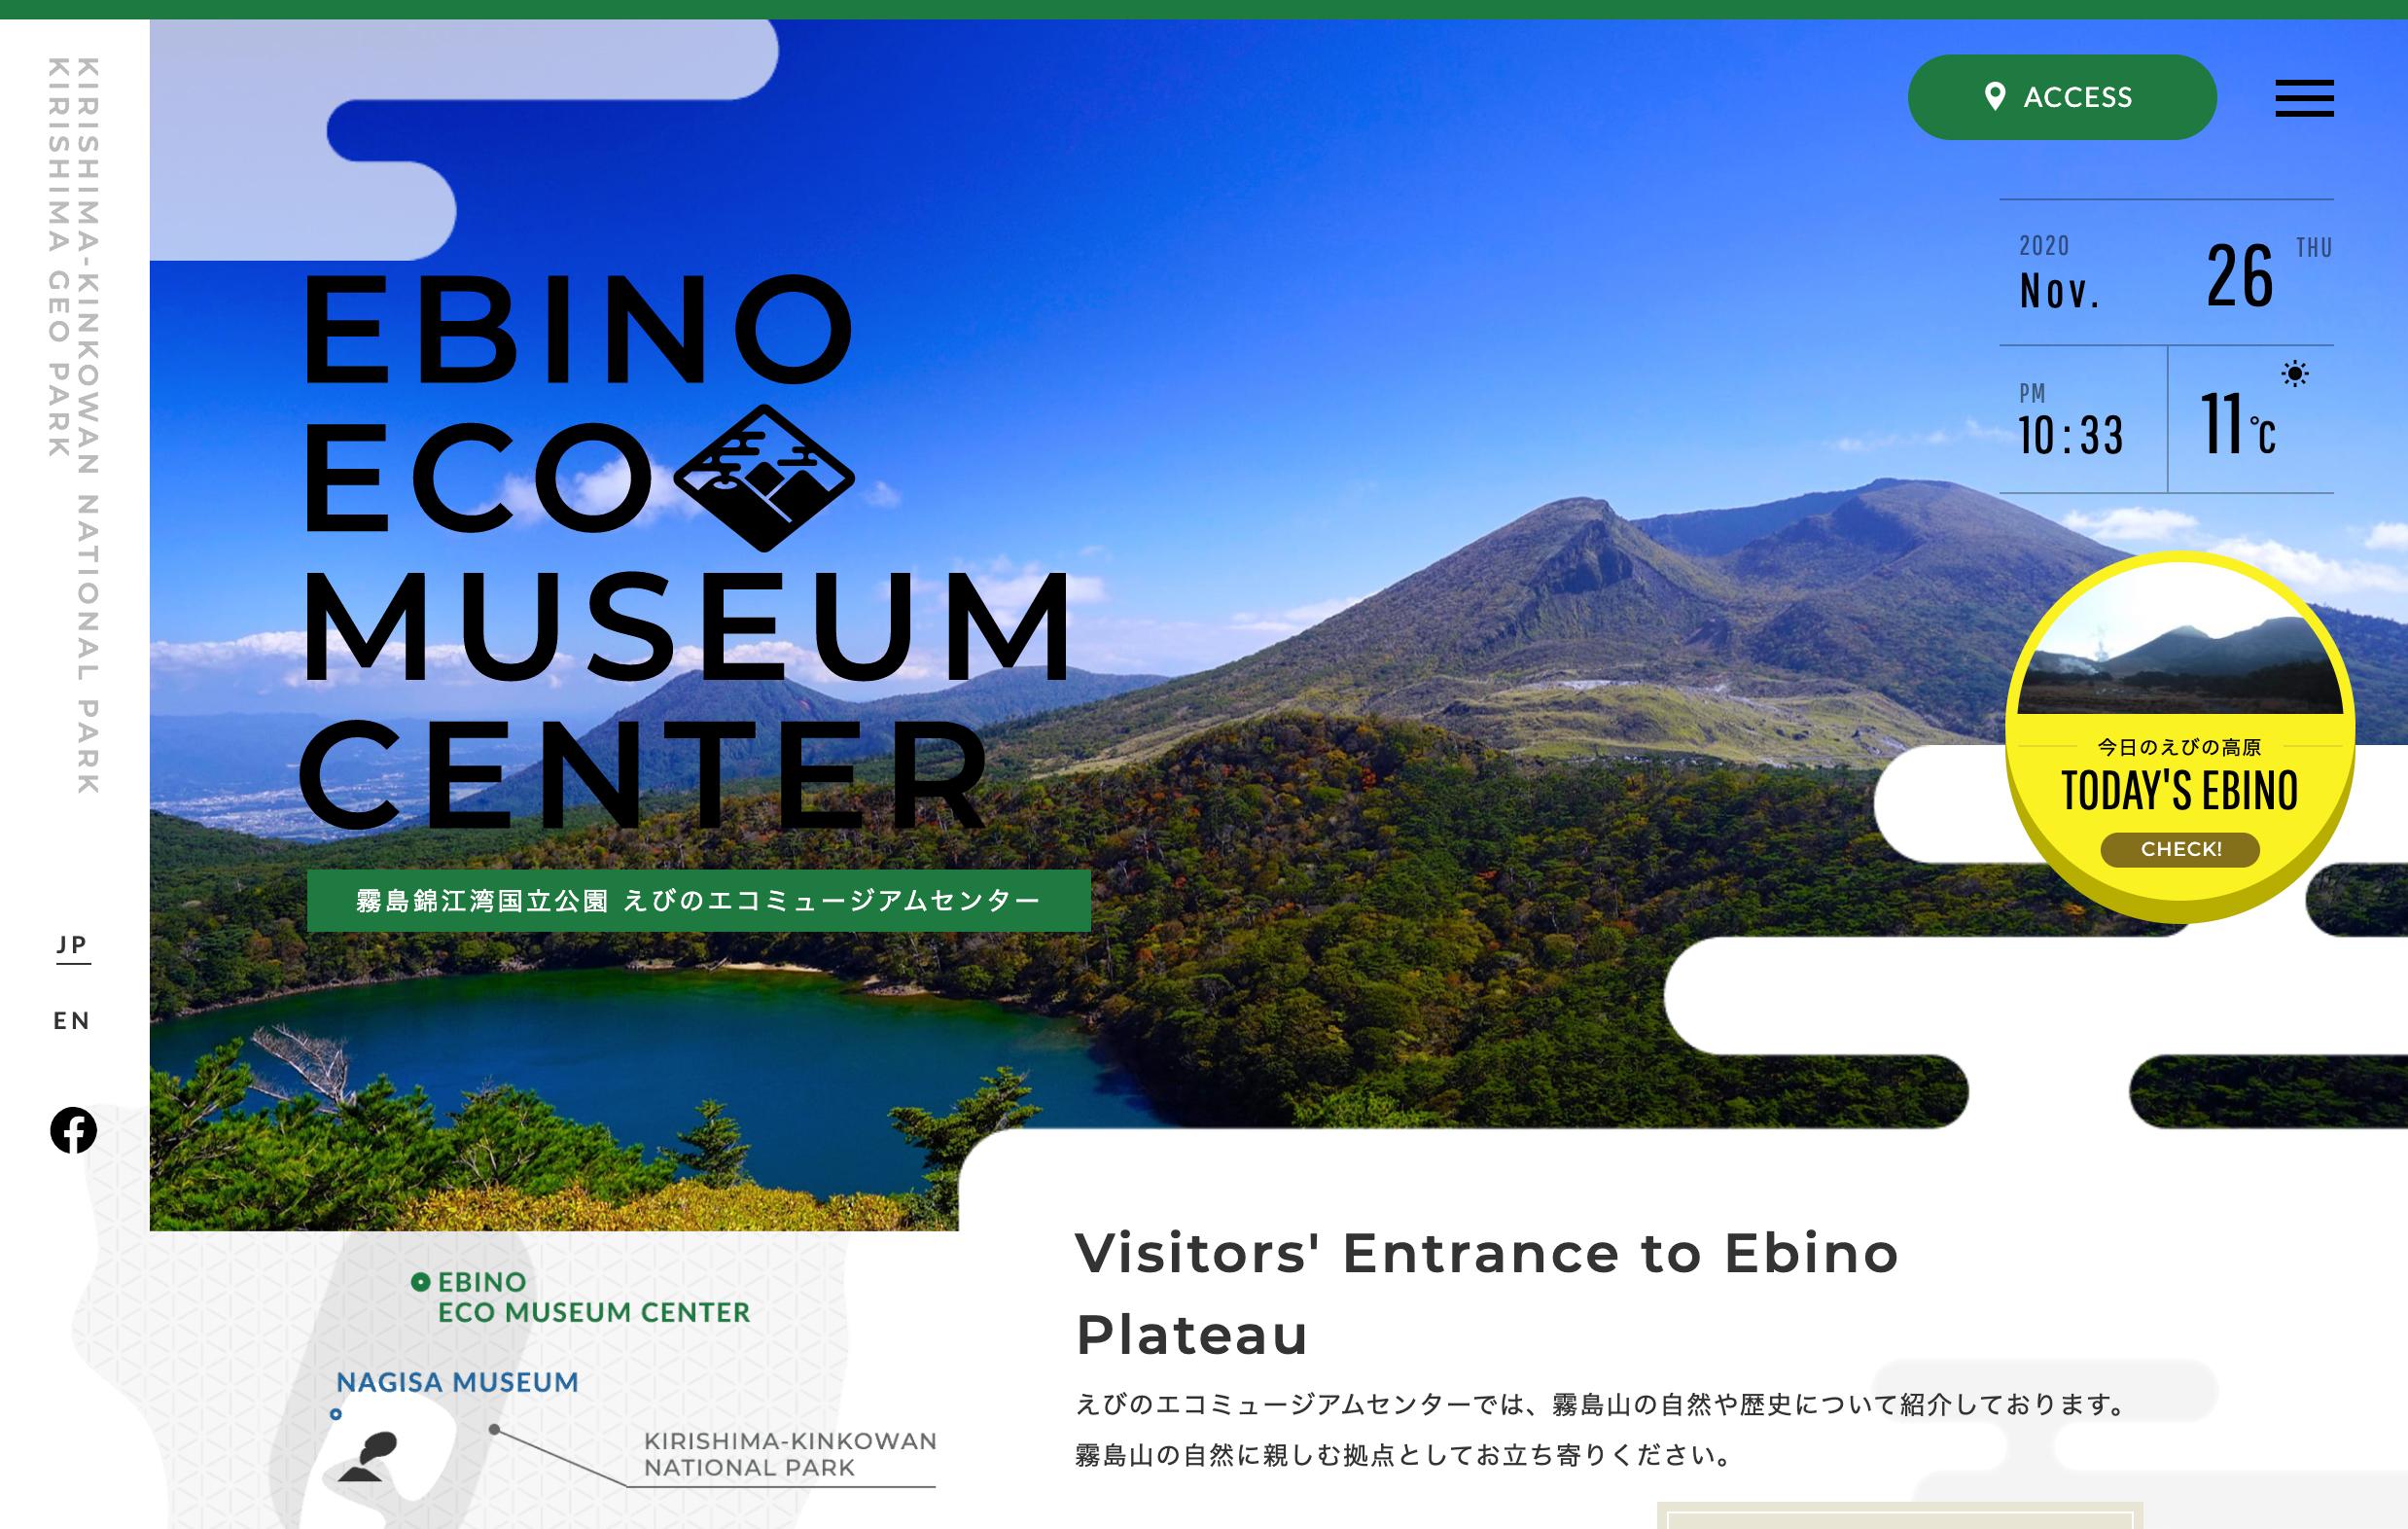 PCデザイン えびのエコミュージアムセンター|霧島錦江湾国立公園、霧島ジオパークのビジターセンター